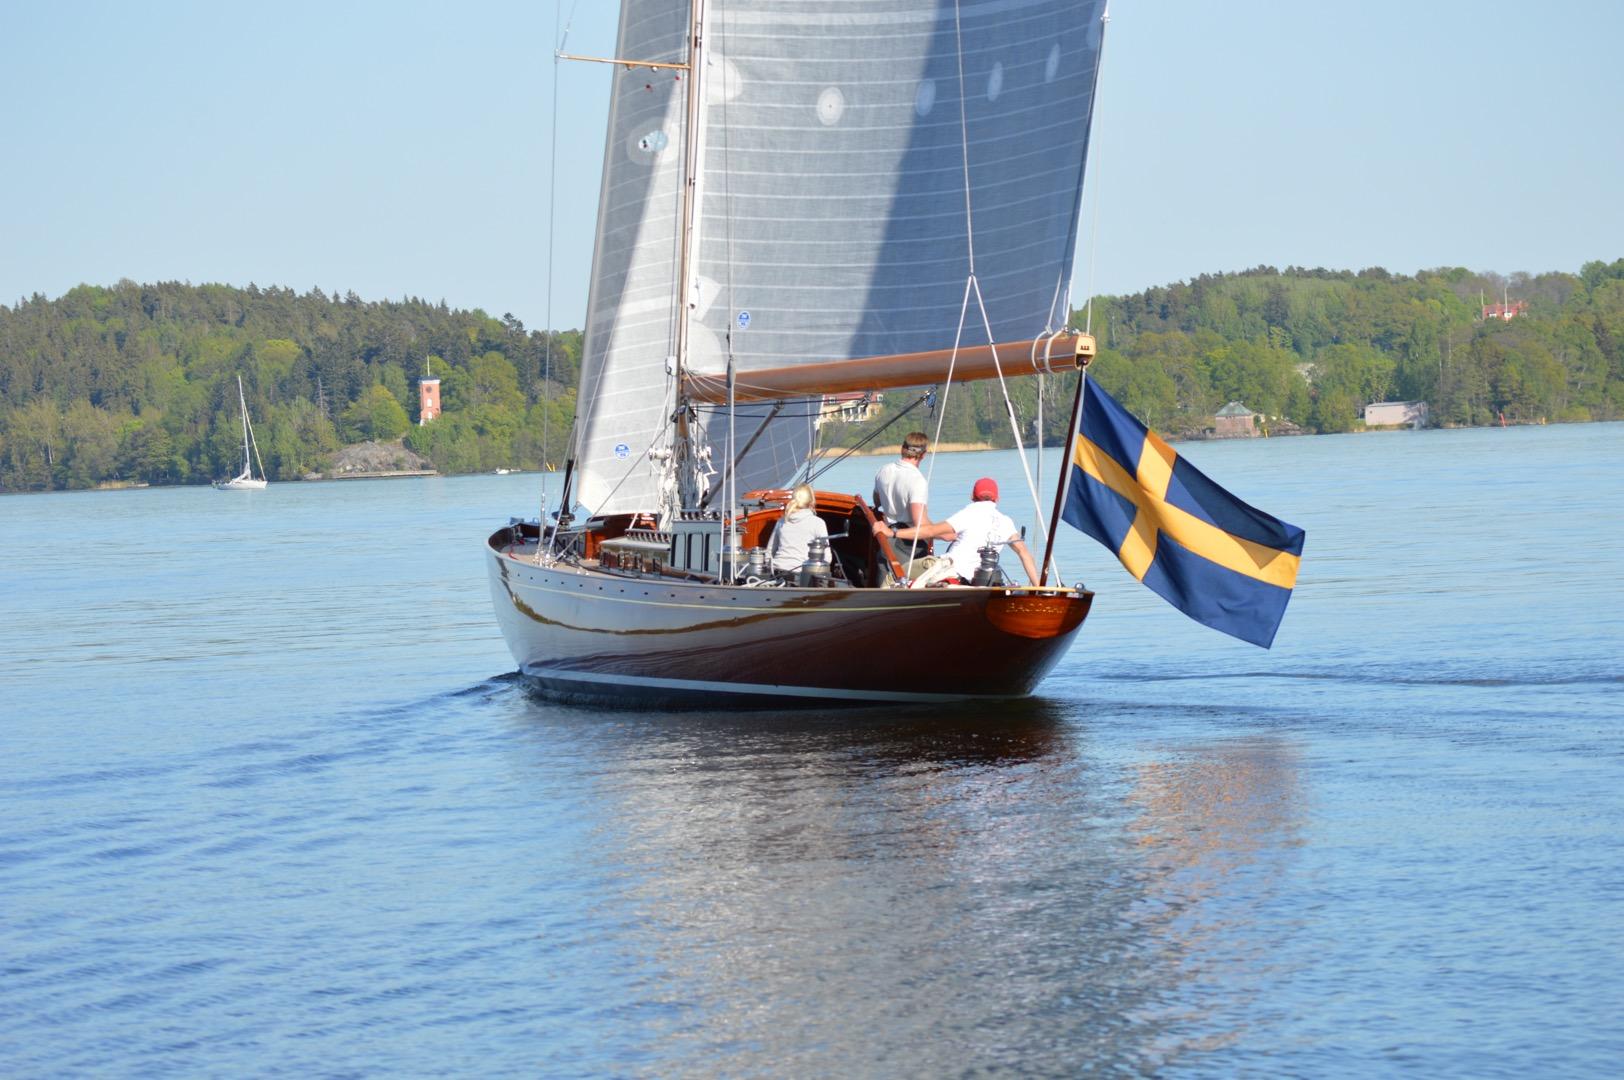 Vårrustad o grann direkt ifrån Kungsörs båtvarv.